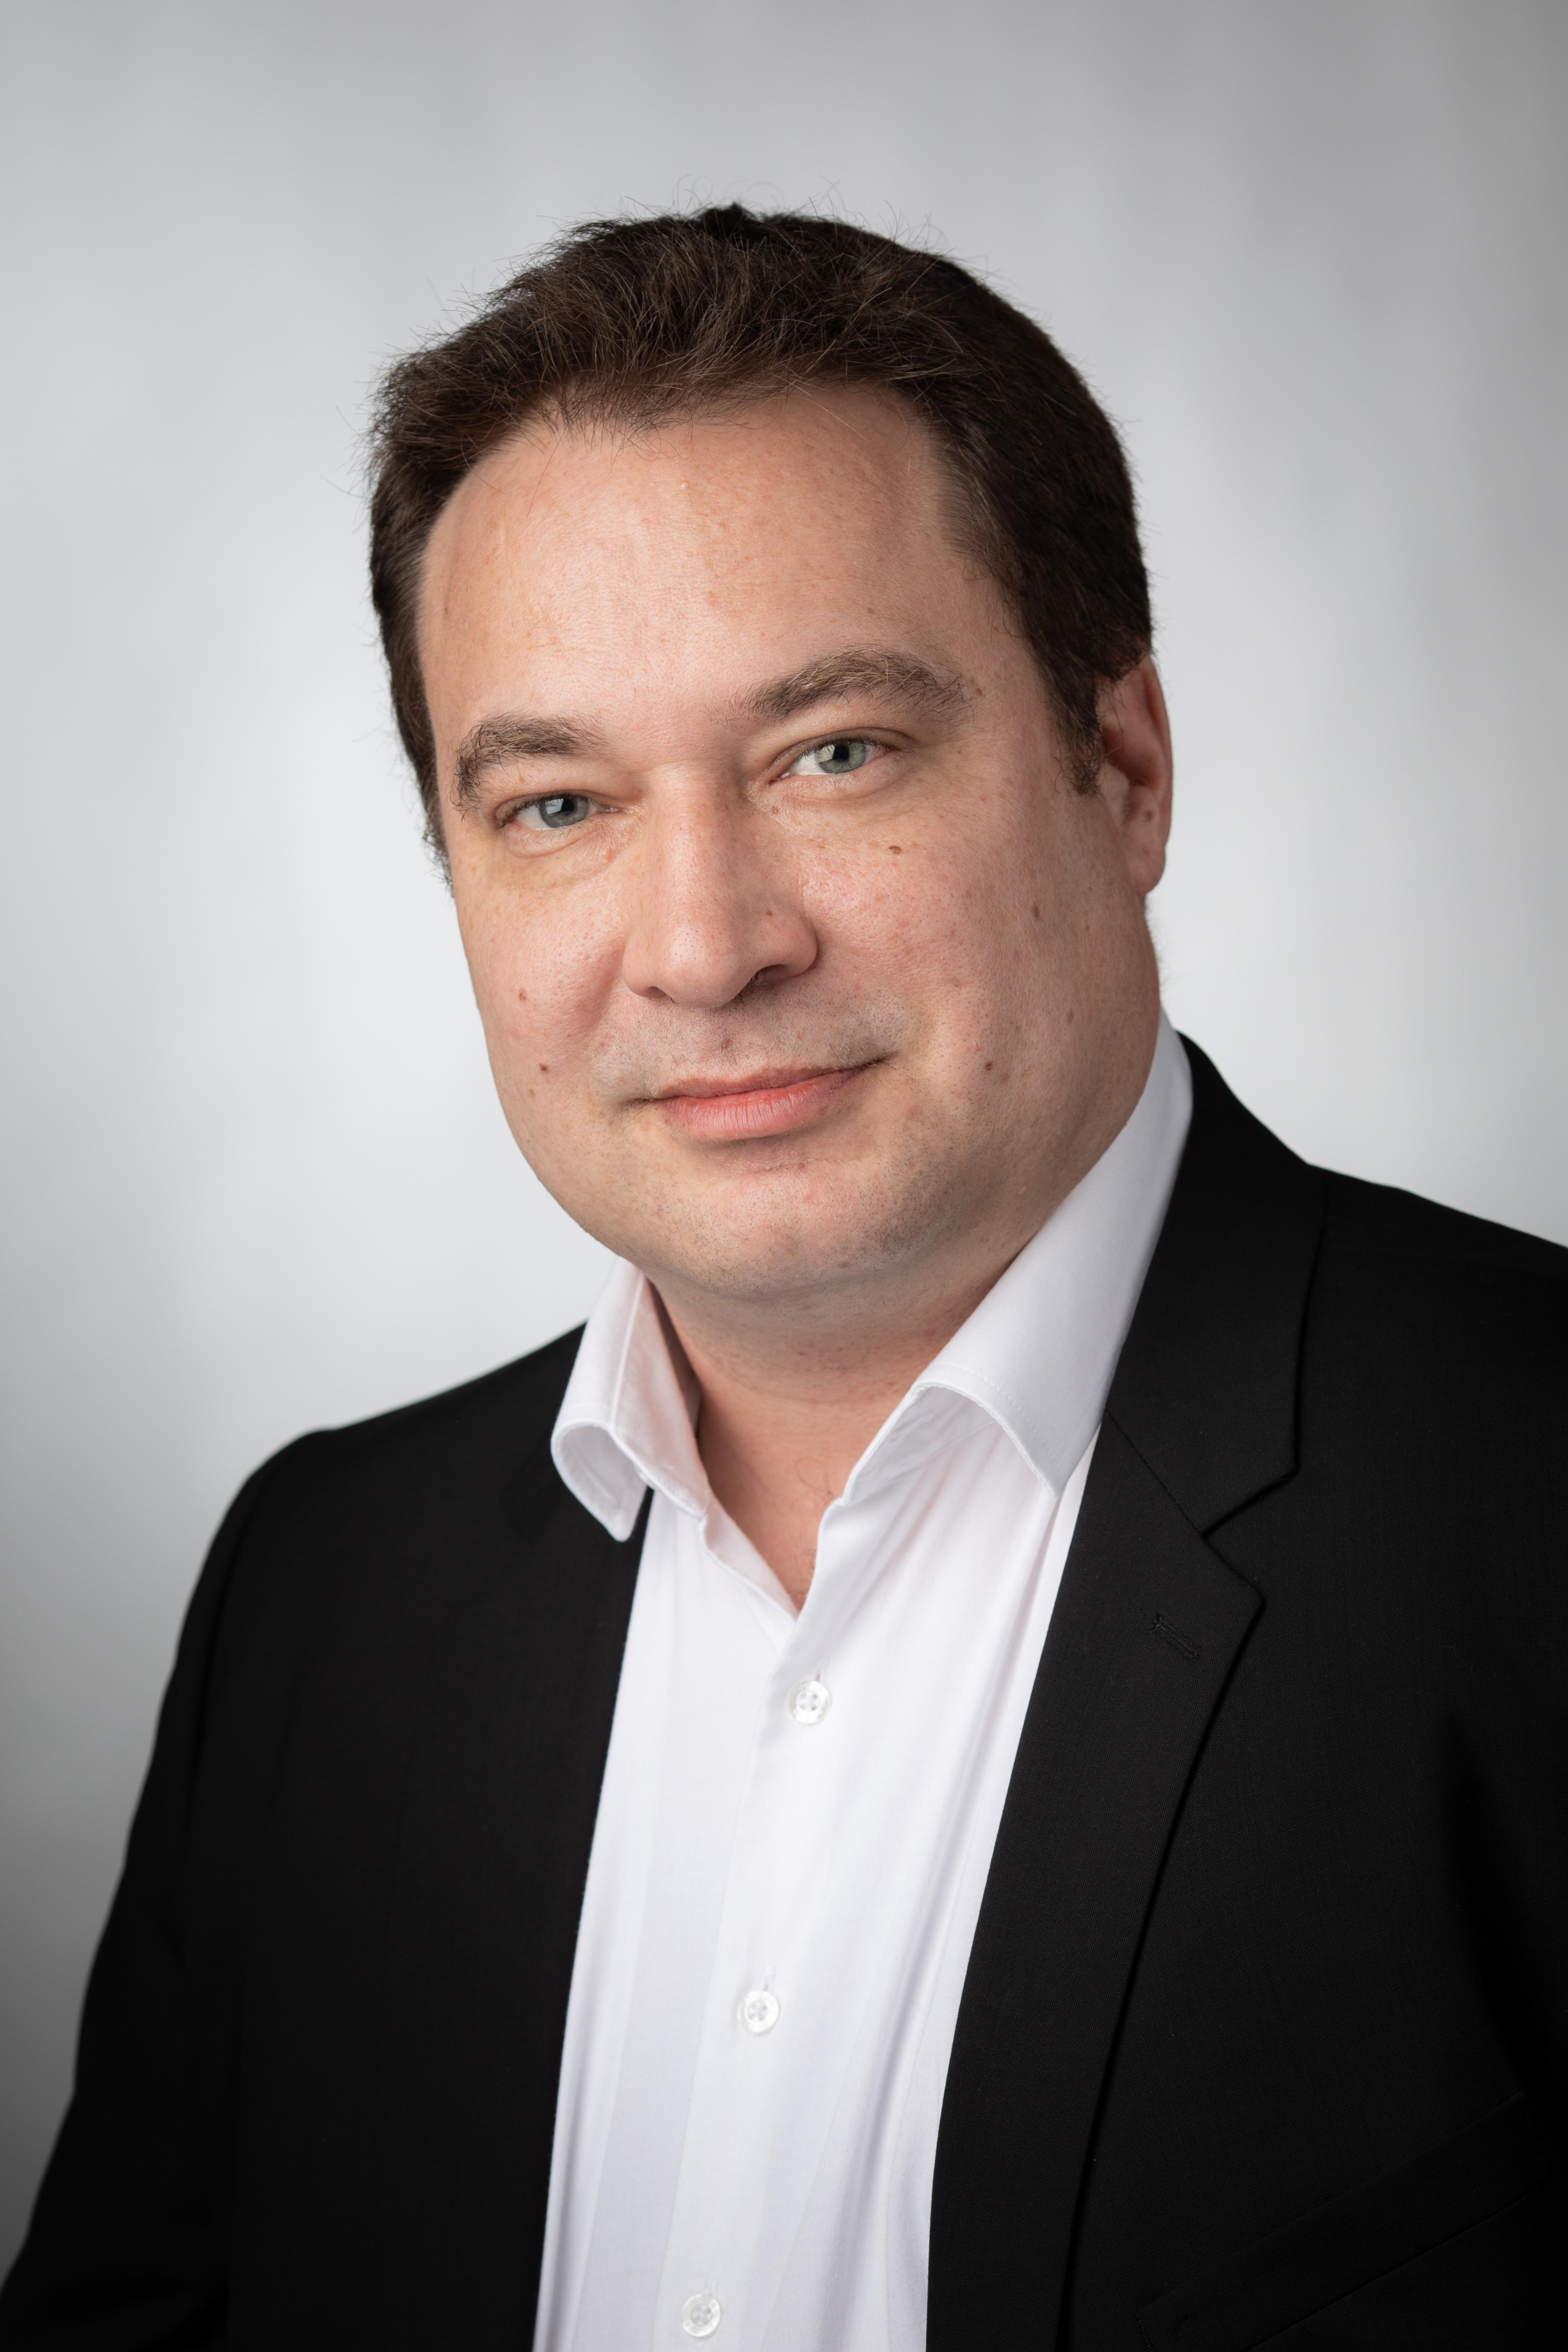 Olivier Deluègue